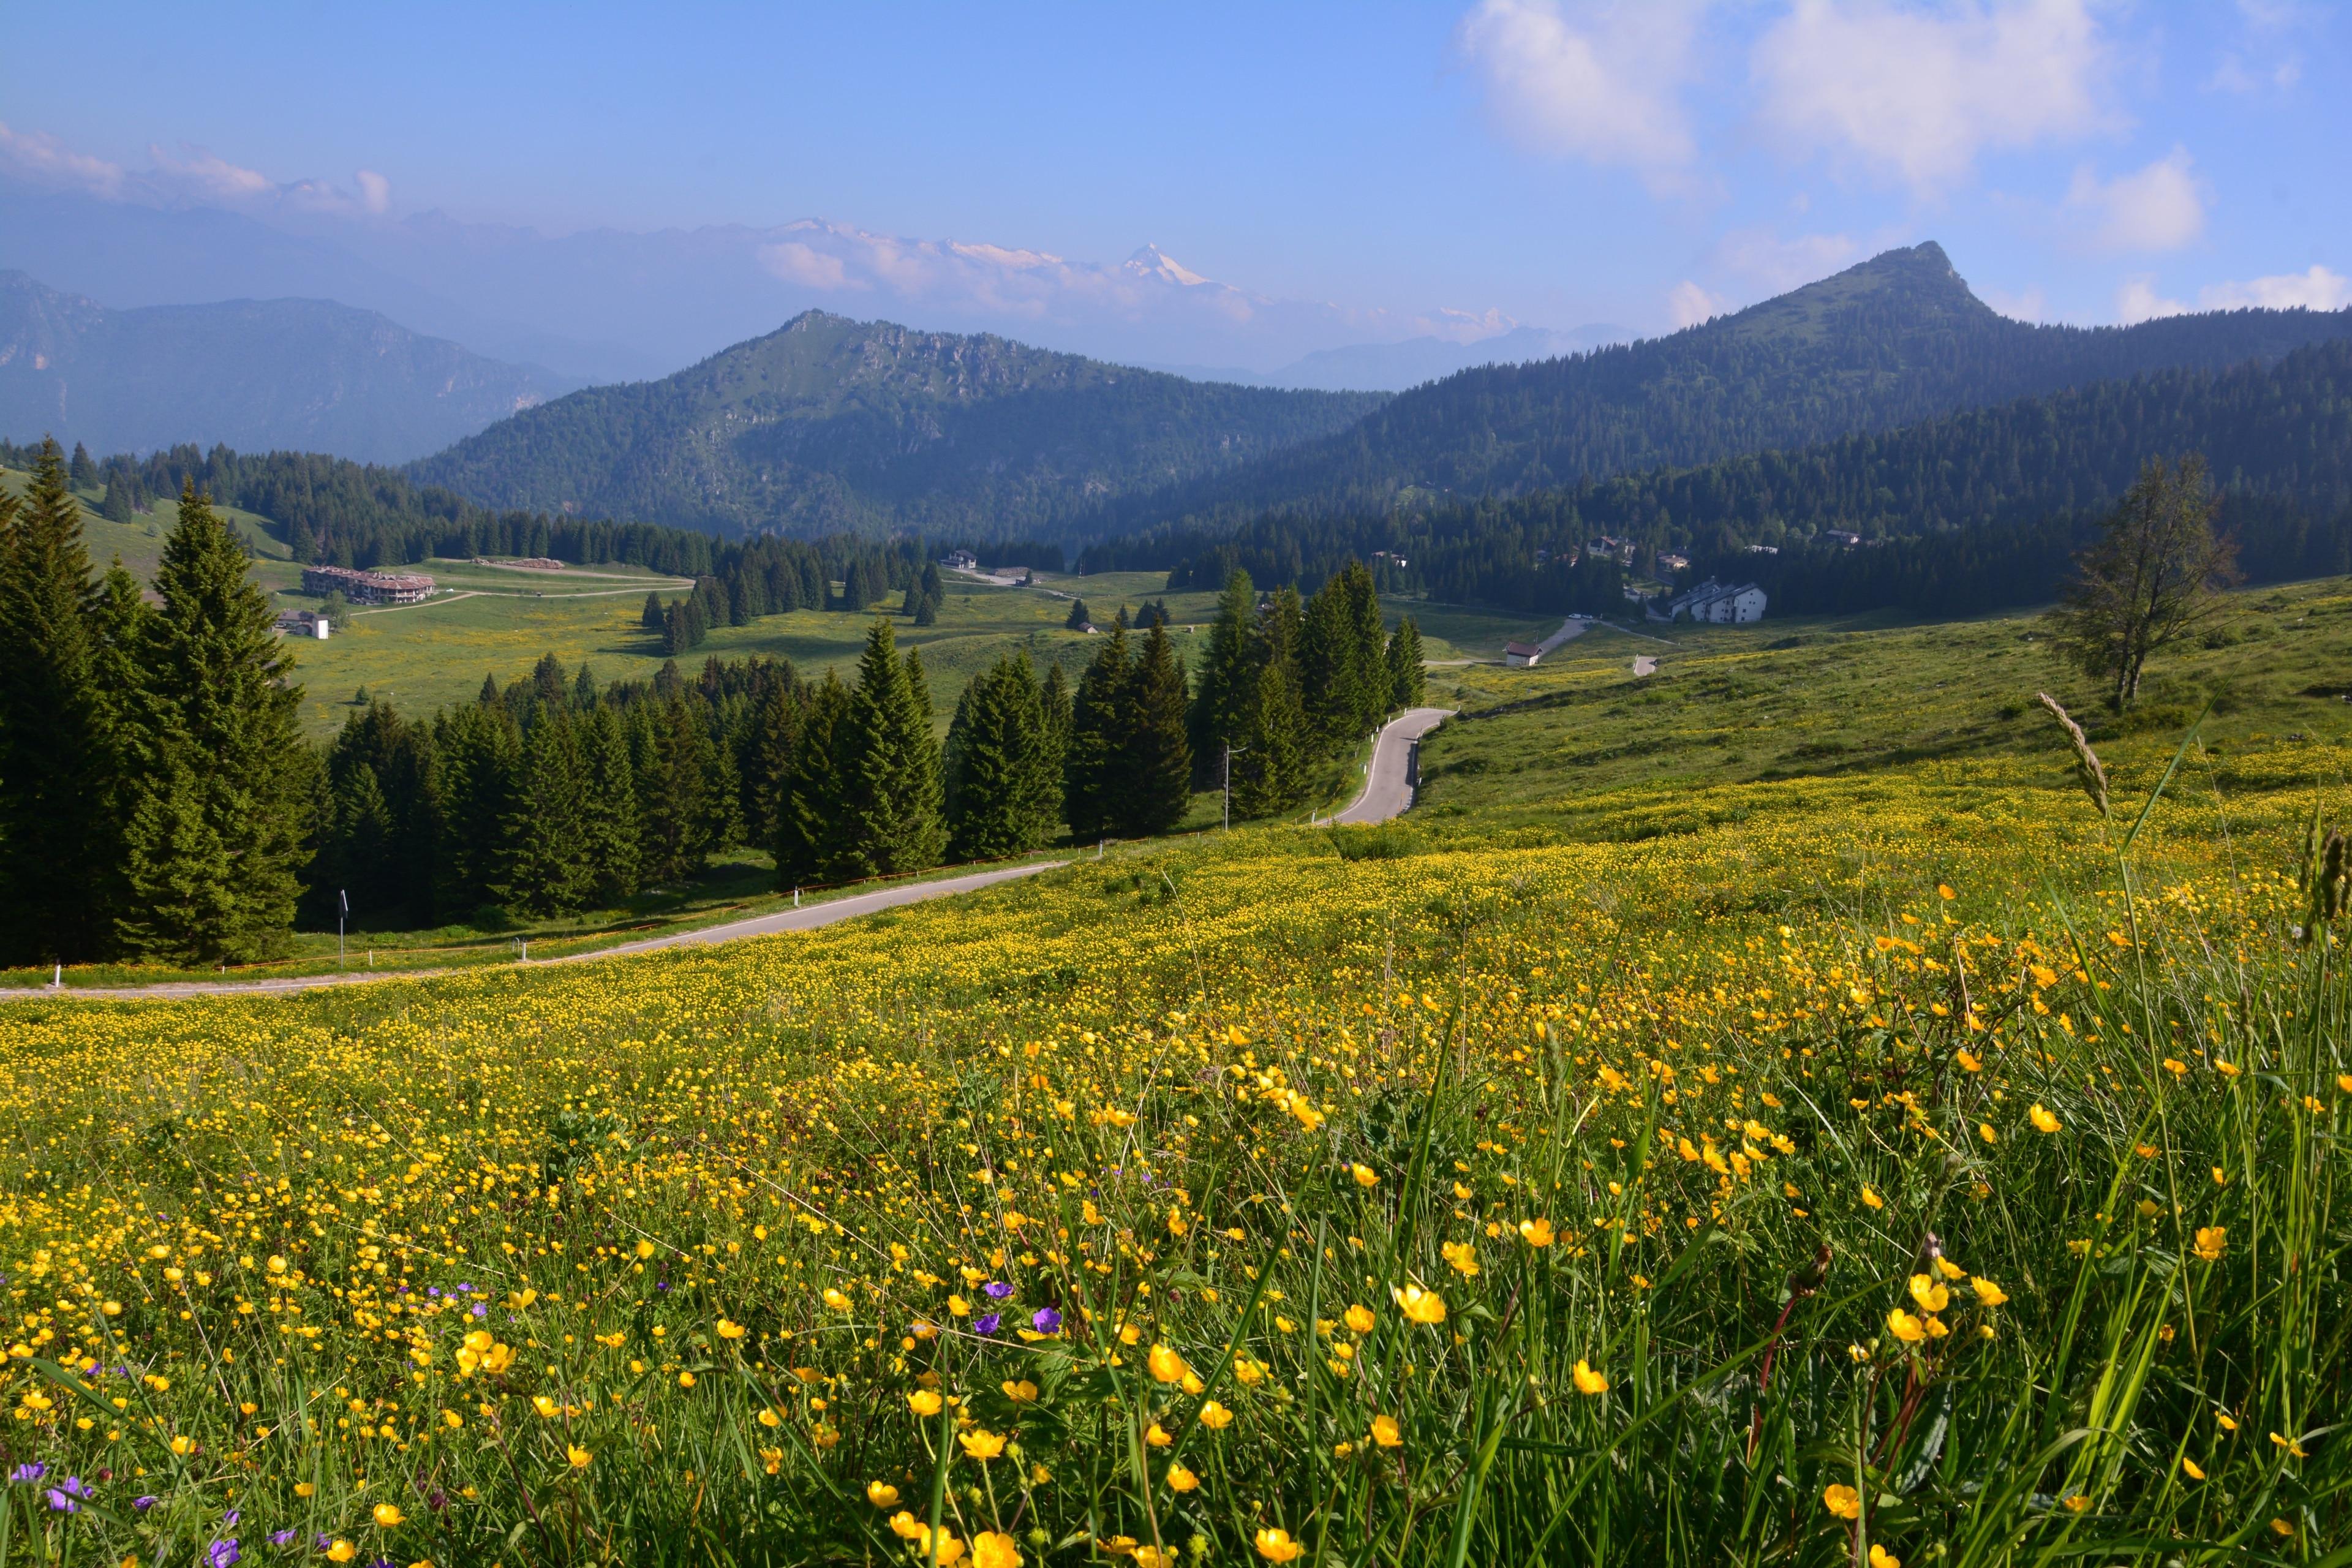 Ledro, Trentino-Alto Adige, Italy